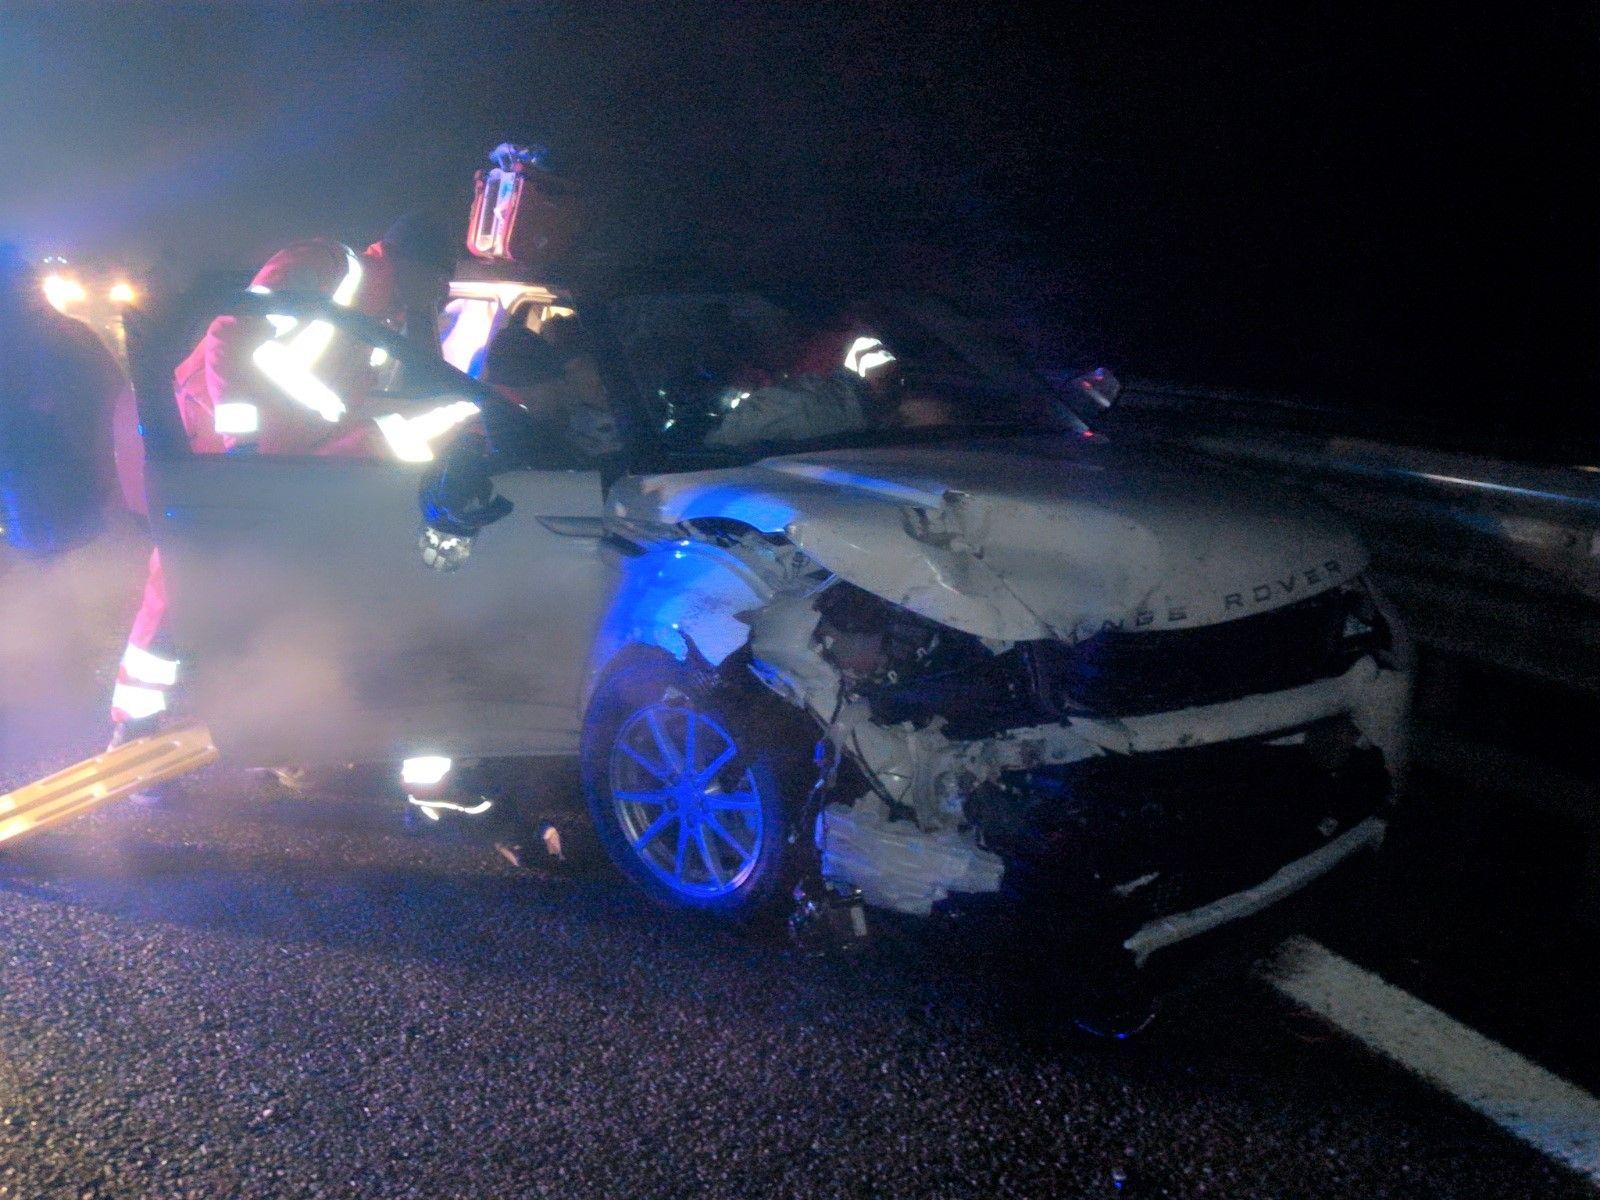 SAN GIORGIO CANAVESE - Maxi incidente sull'autostrada Torino-Aosta: tre feriti e cinque auto coinvolte - FOTO